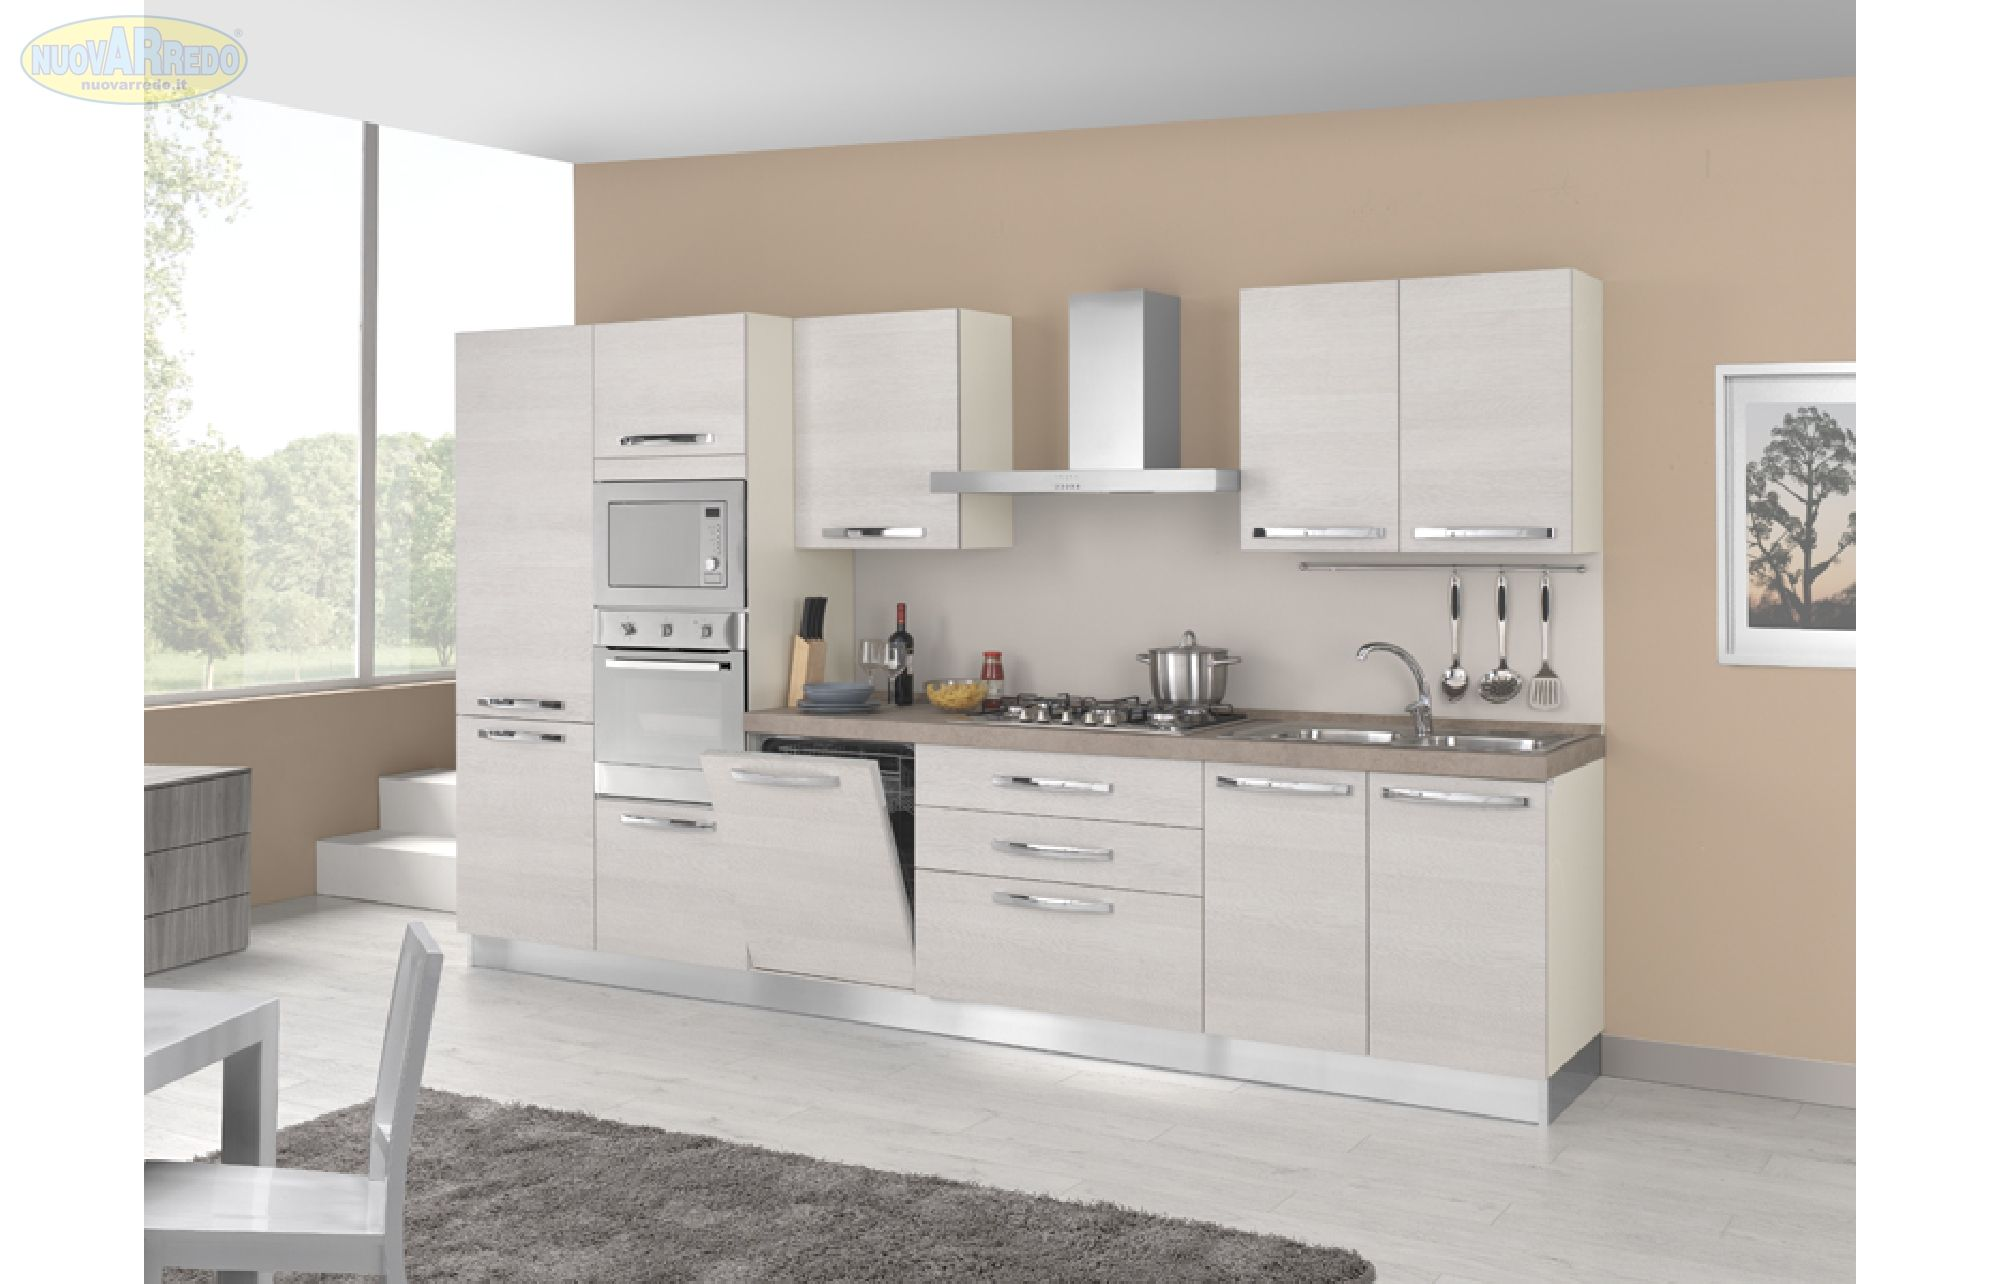 Cucina In Pino Prezzi : Prezzo u ac cucina componibile mod brio completa di